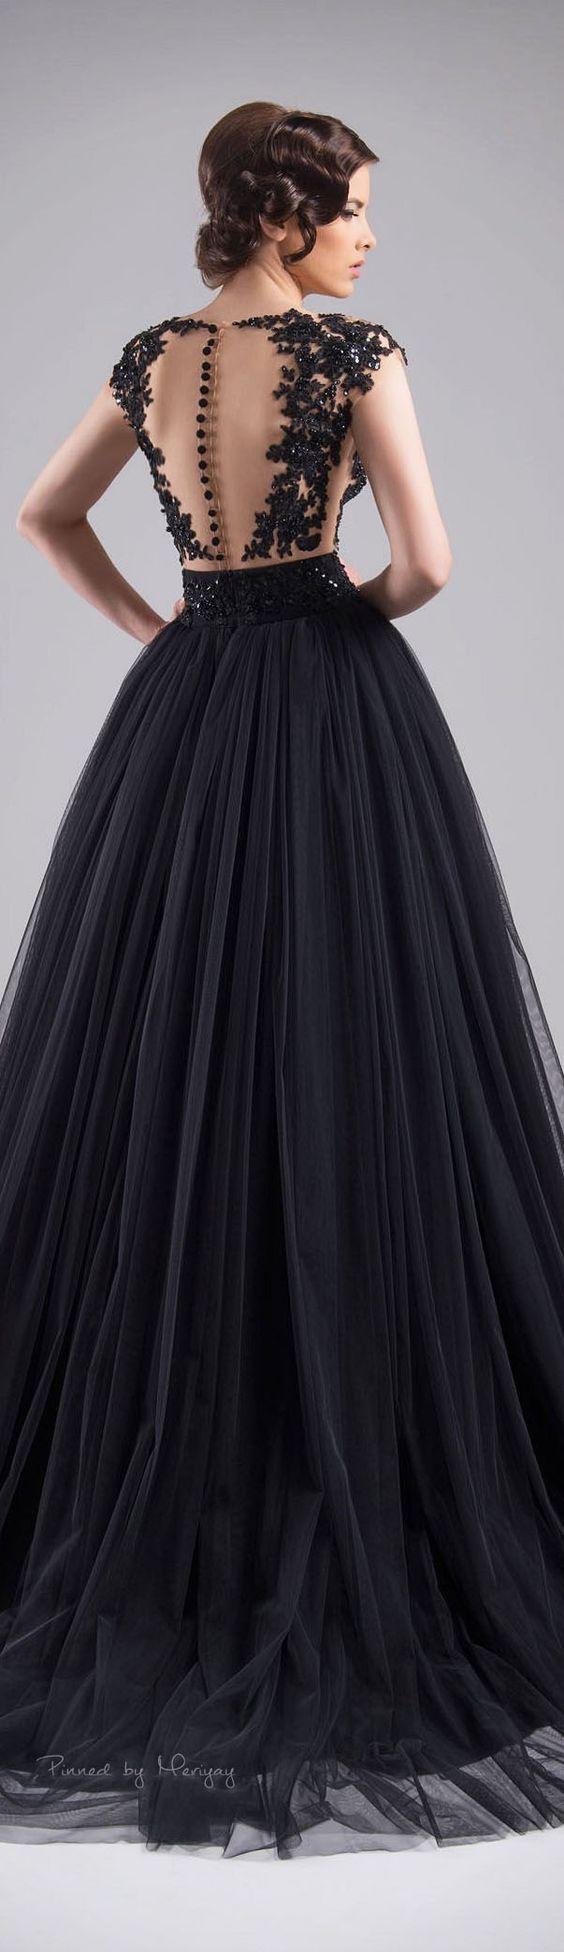 Dreams dressed in black